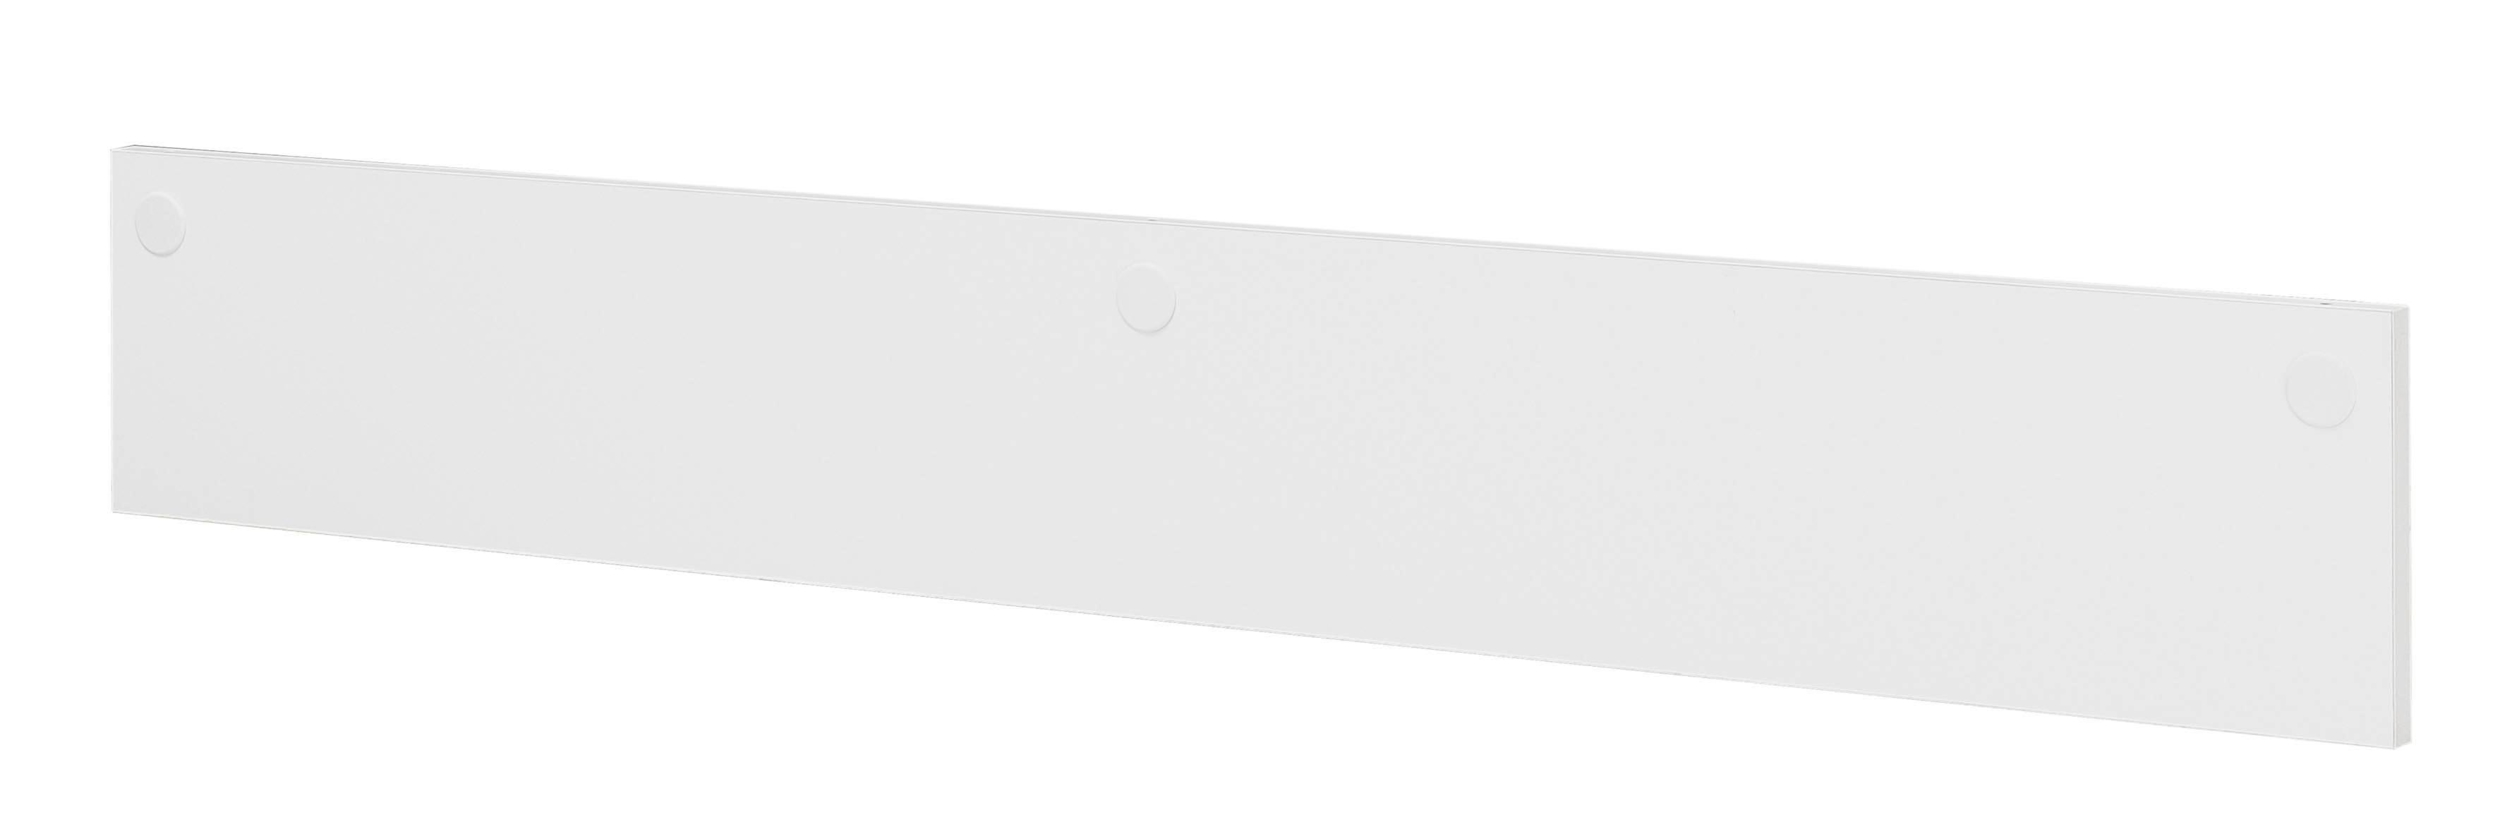 XENON VOILE DE FOND POUR 1S15/1S16 050